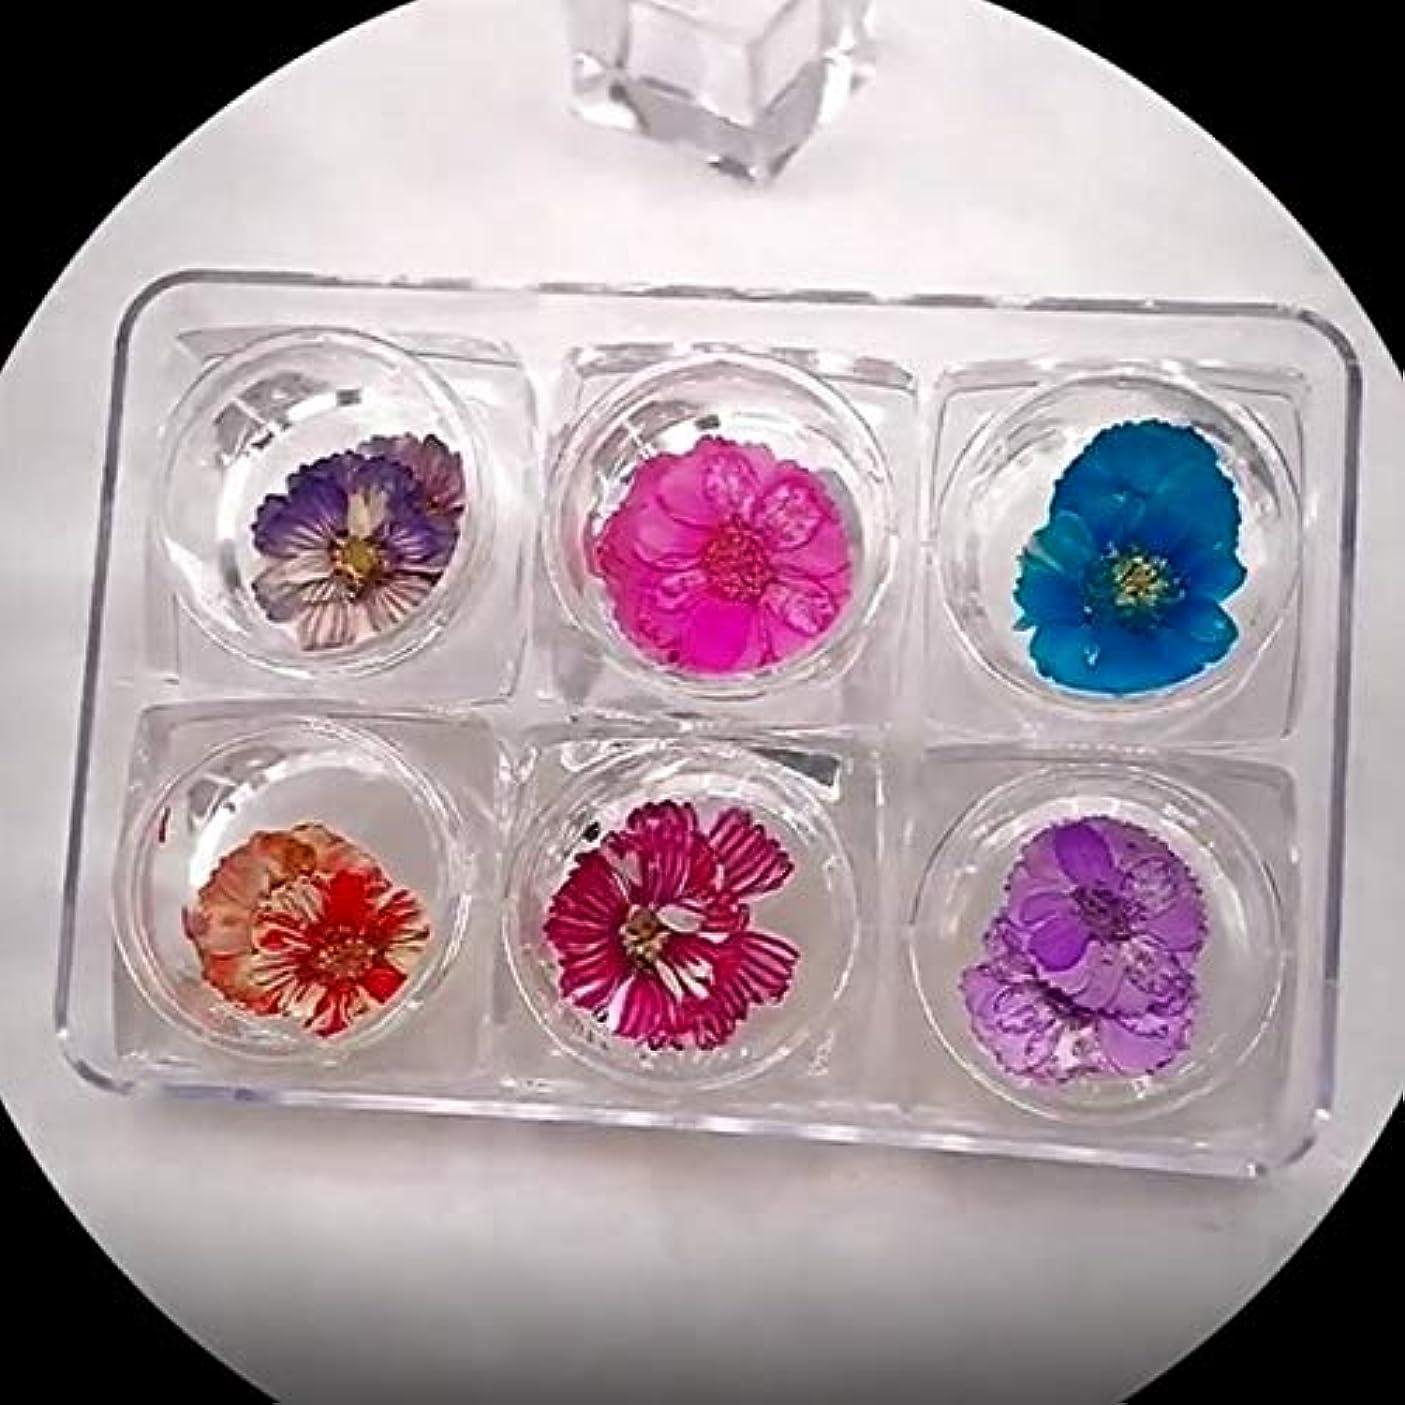 かみそり切り下げ操作OU-Kunmlef 人気の新しい6色ネイルアートアップリケジュエリーセット日本の乾燥花の花びら永遠の花の結晶装飾(None Picture Color)